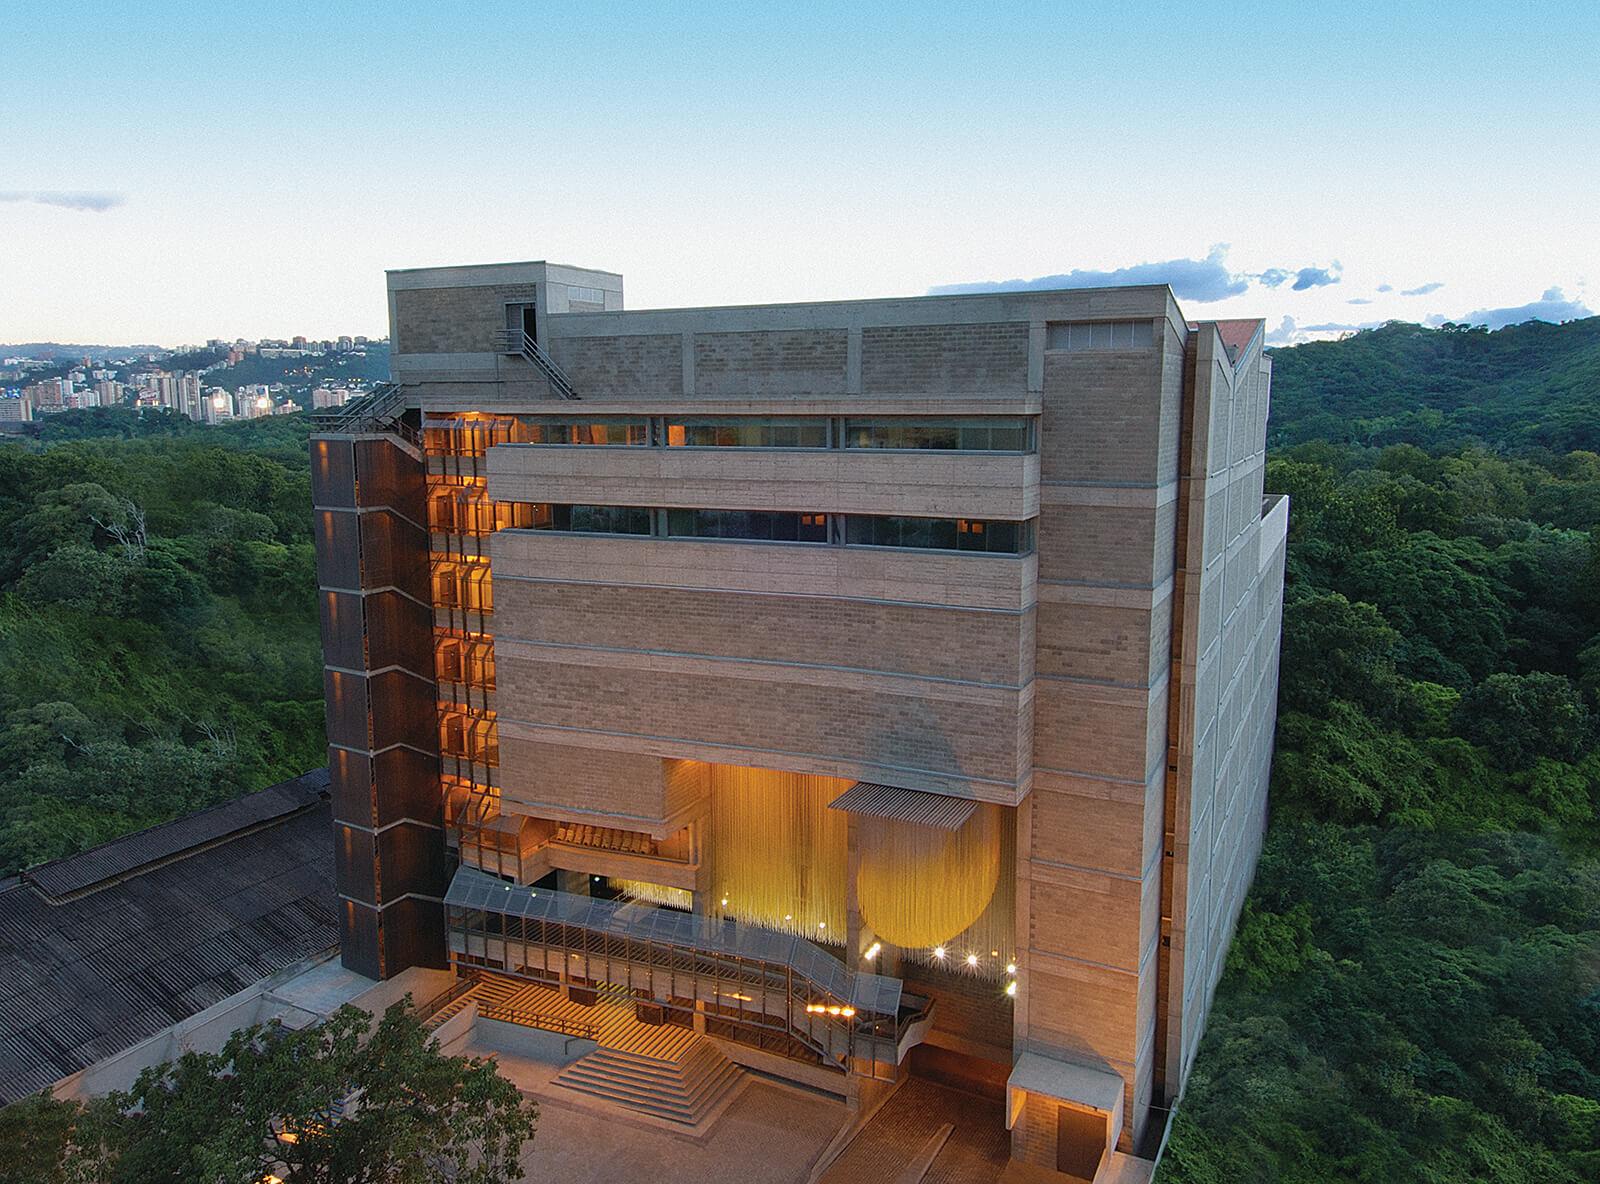 Vista conica de la fachada frontal del Centro de Acción Social por la Música